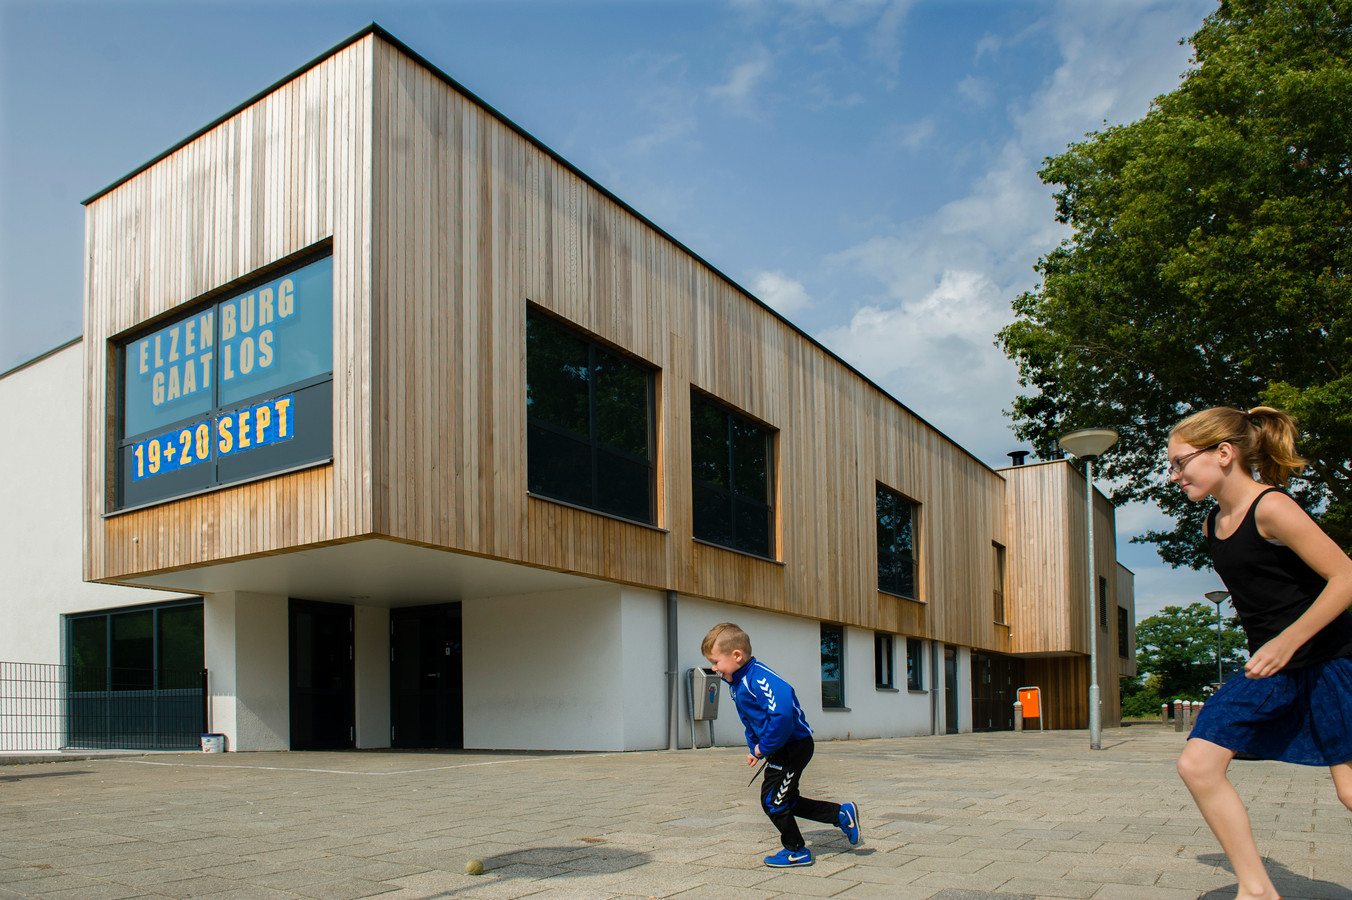 Het nieuwe festival Vught Ontmoet Nieuw Talent vindt plaats in en rondom jeugd- en jongerencentrum Elzenburg en op het Lidwinaveld.